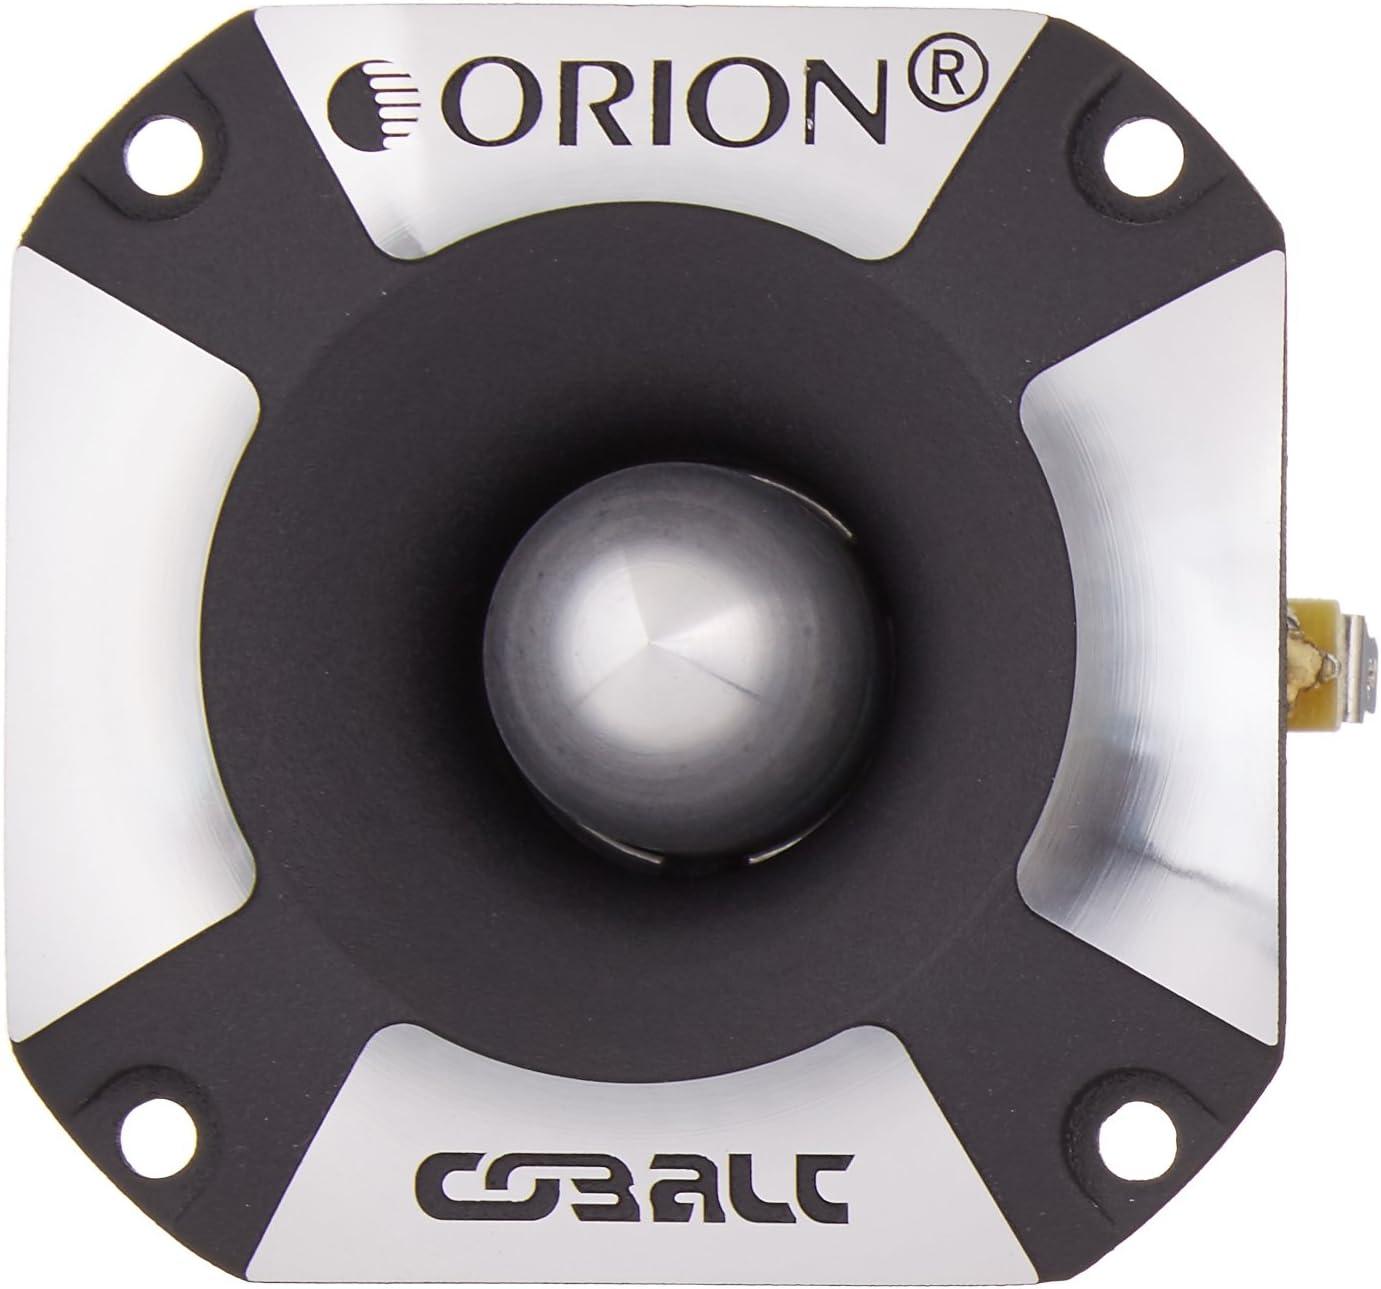 Orion CTW200 3.75 260W Cobalt Bullet Car Audio Tweeter